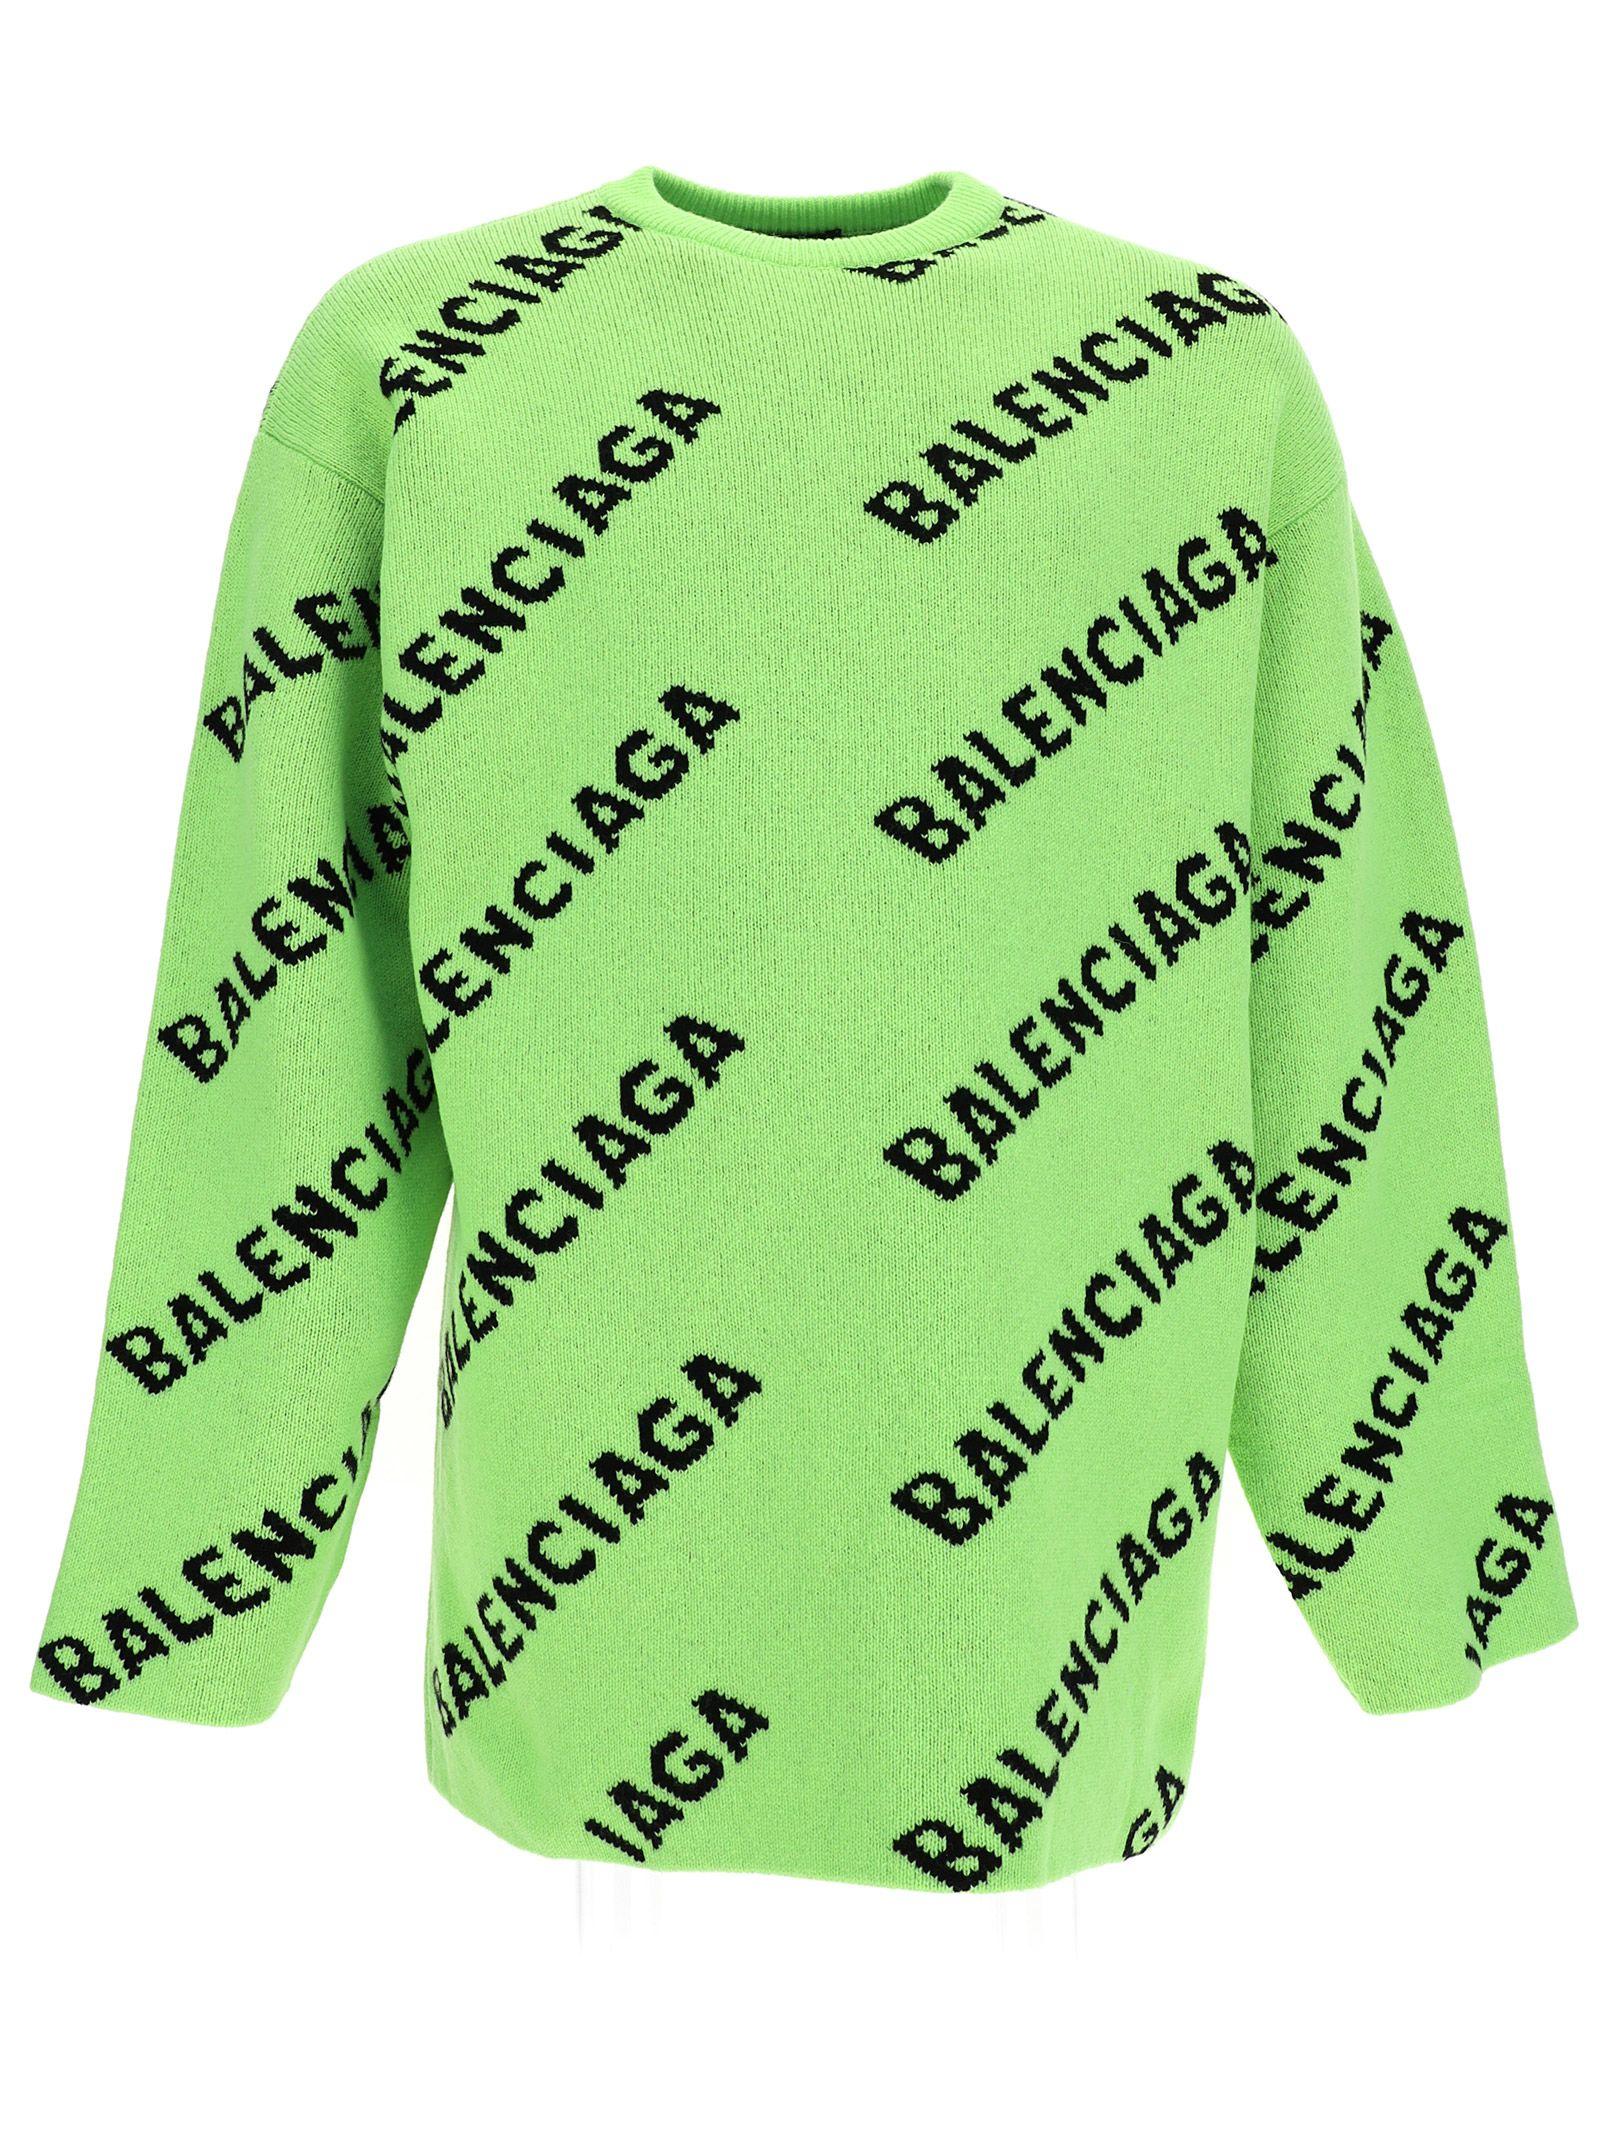 Balenciaga Sweaters | italist, ALWAYS